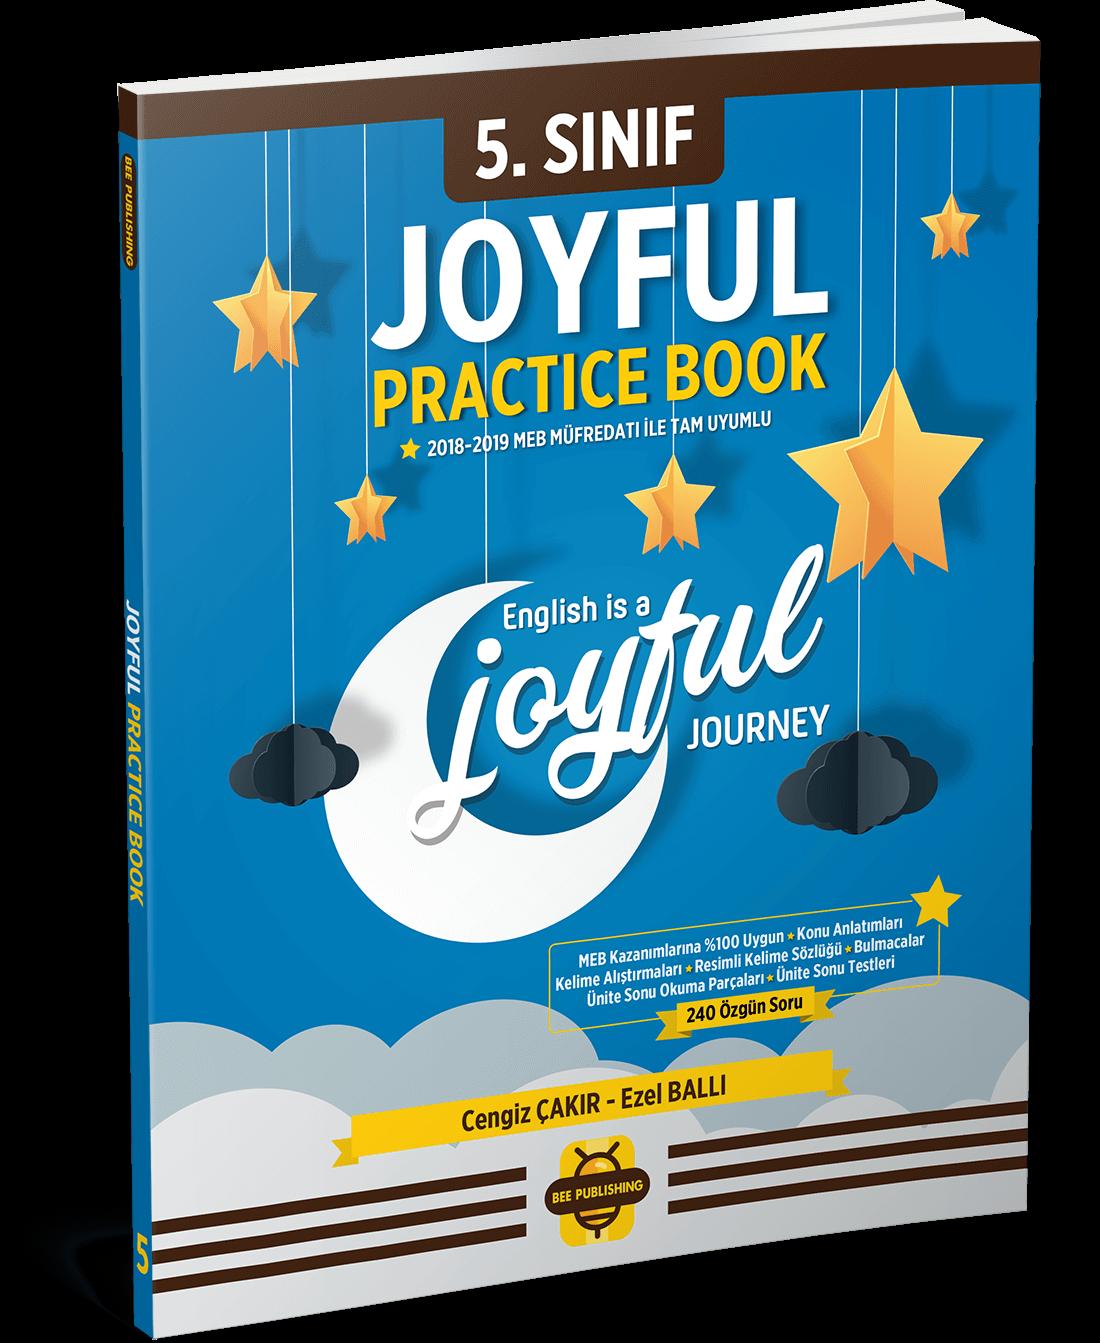 Joyful Practice Book 5. Sınıf